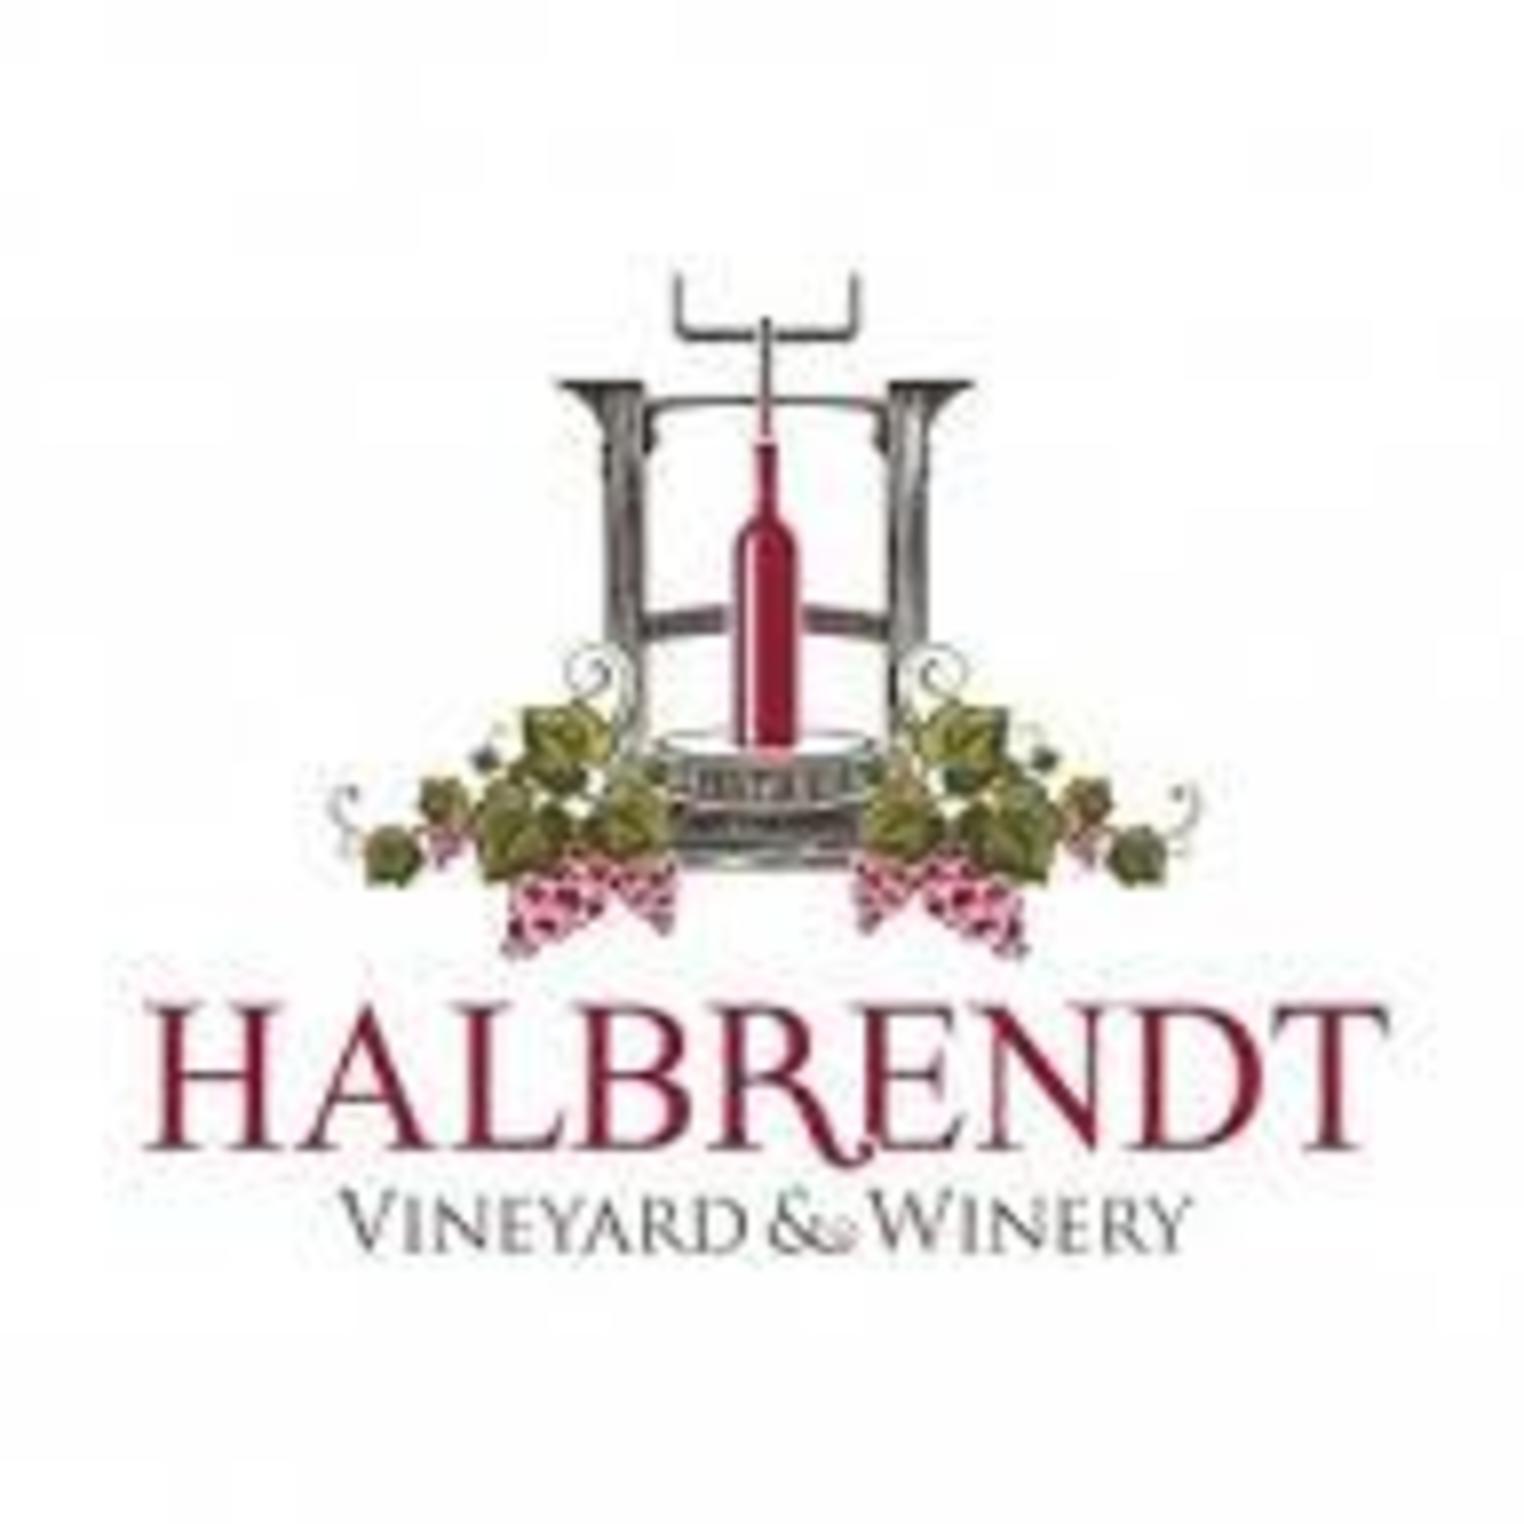 Halbrendy Vineyard & Winery